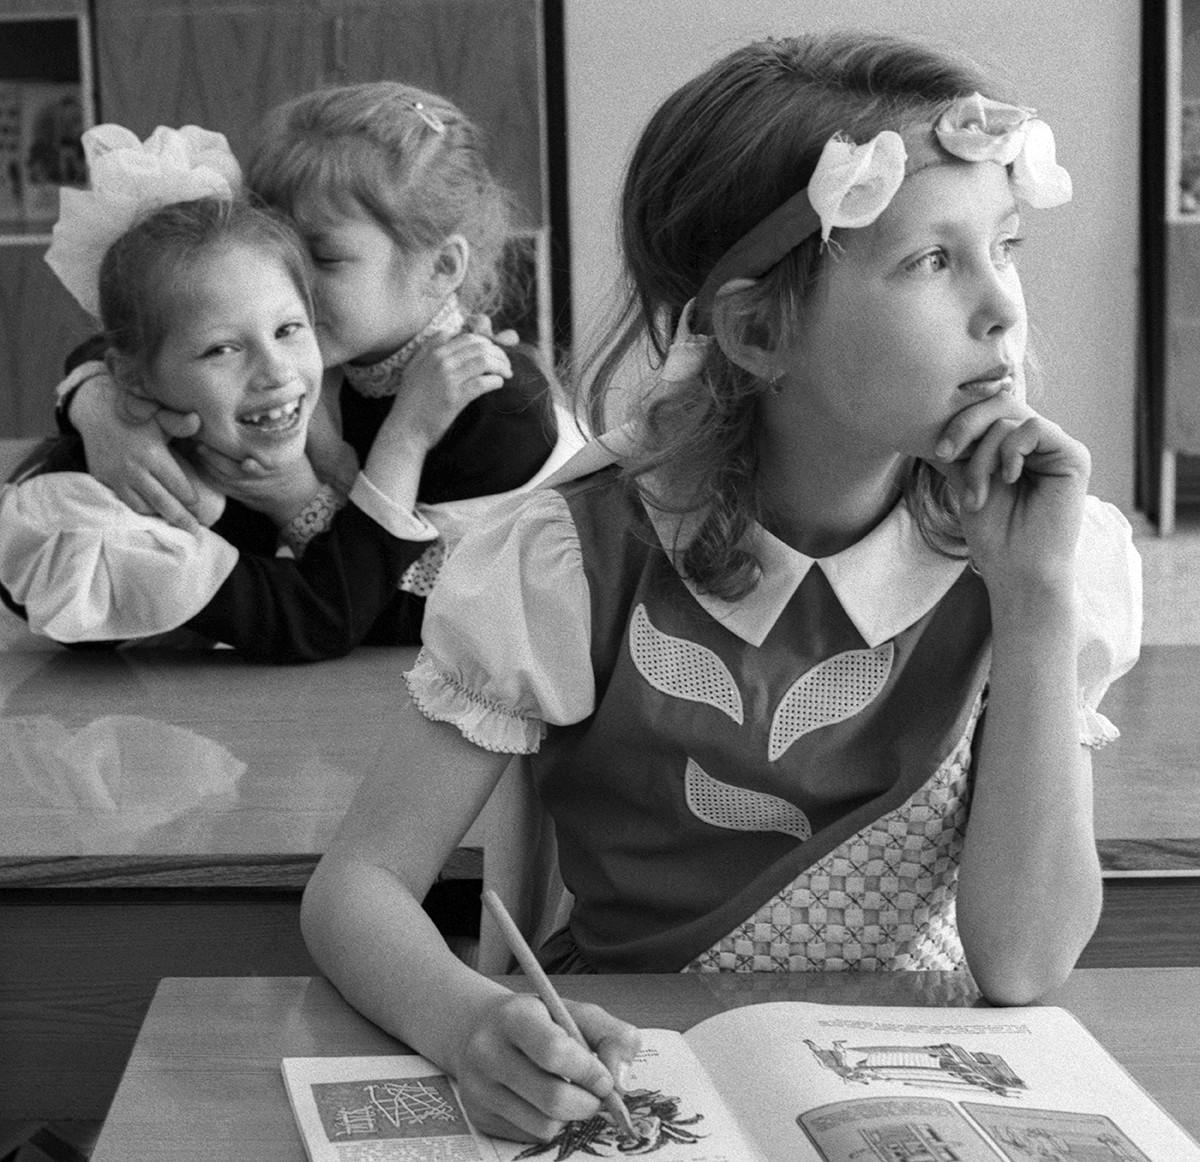 Първокласници на урок, СССР, Москва, 1 май 1990 г.